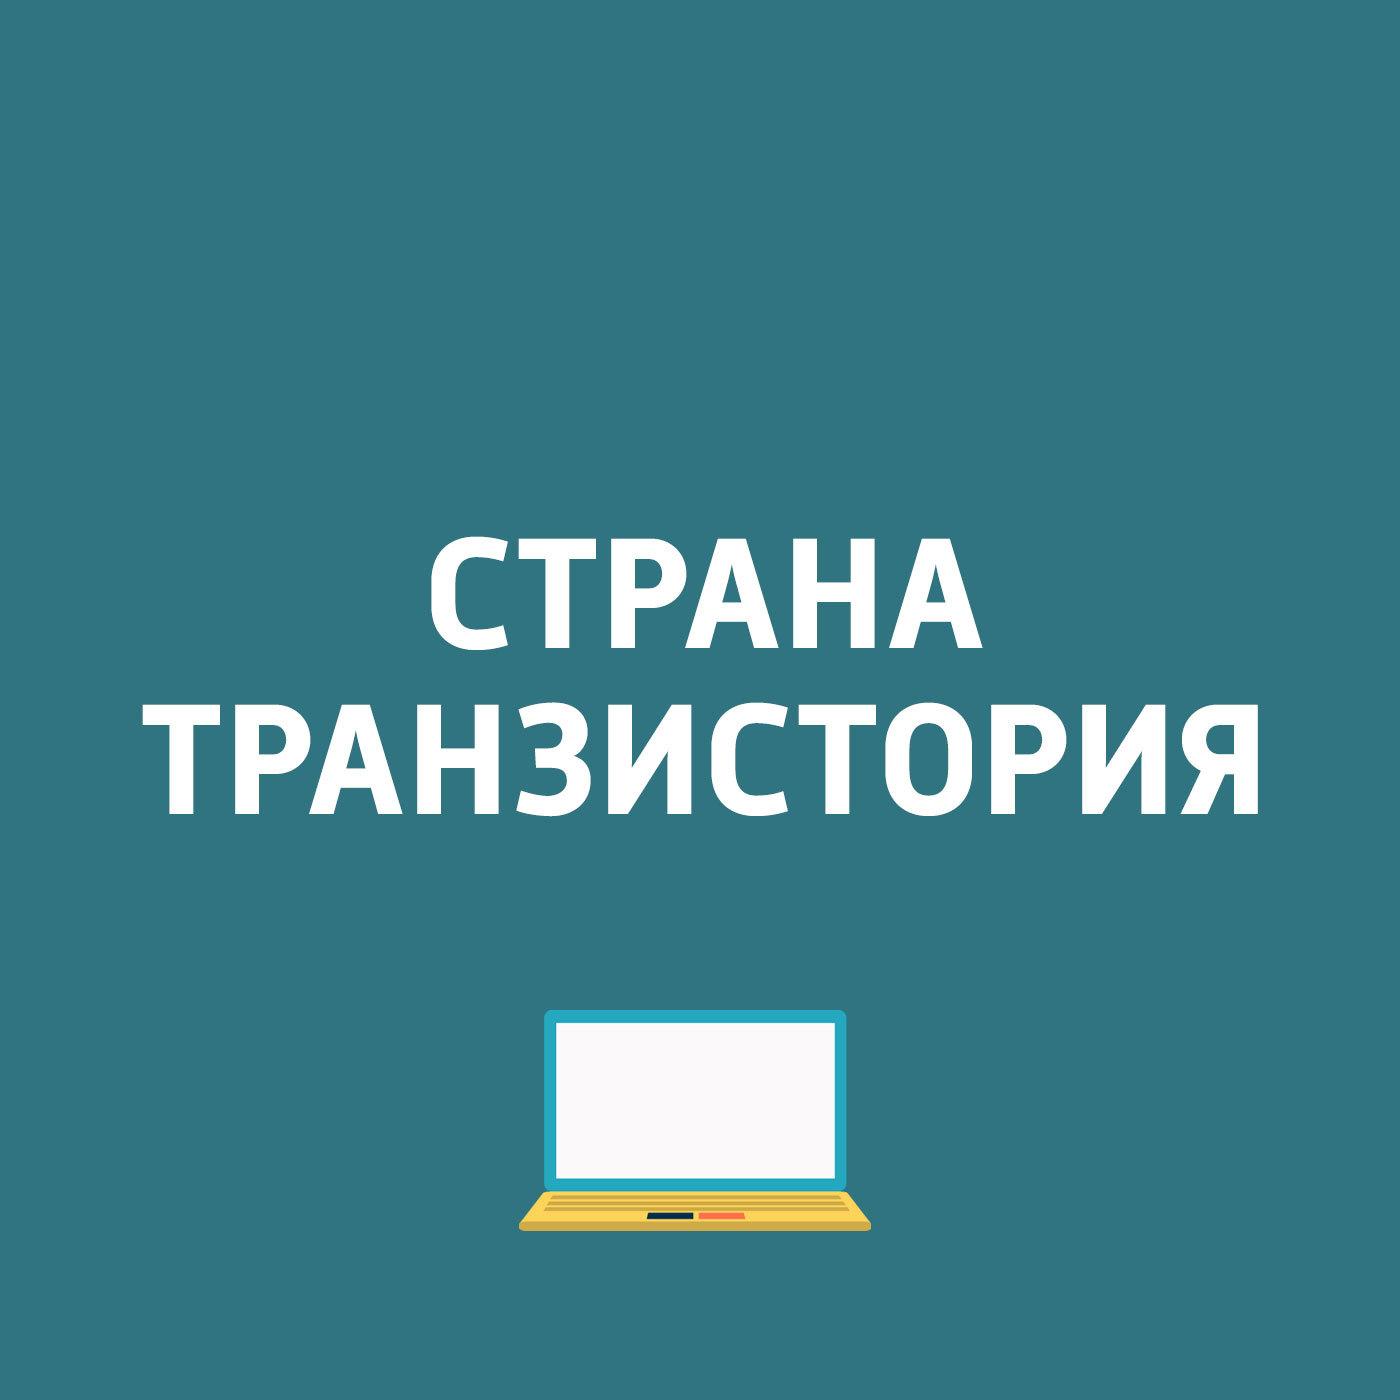 Картаев Павел MediaPad M3 Lite 10; приложение Find WiFi... картаев павел archos объявила о старте продаж планшета 70c neon в россии